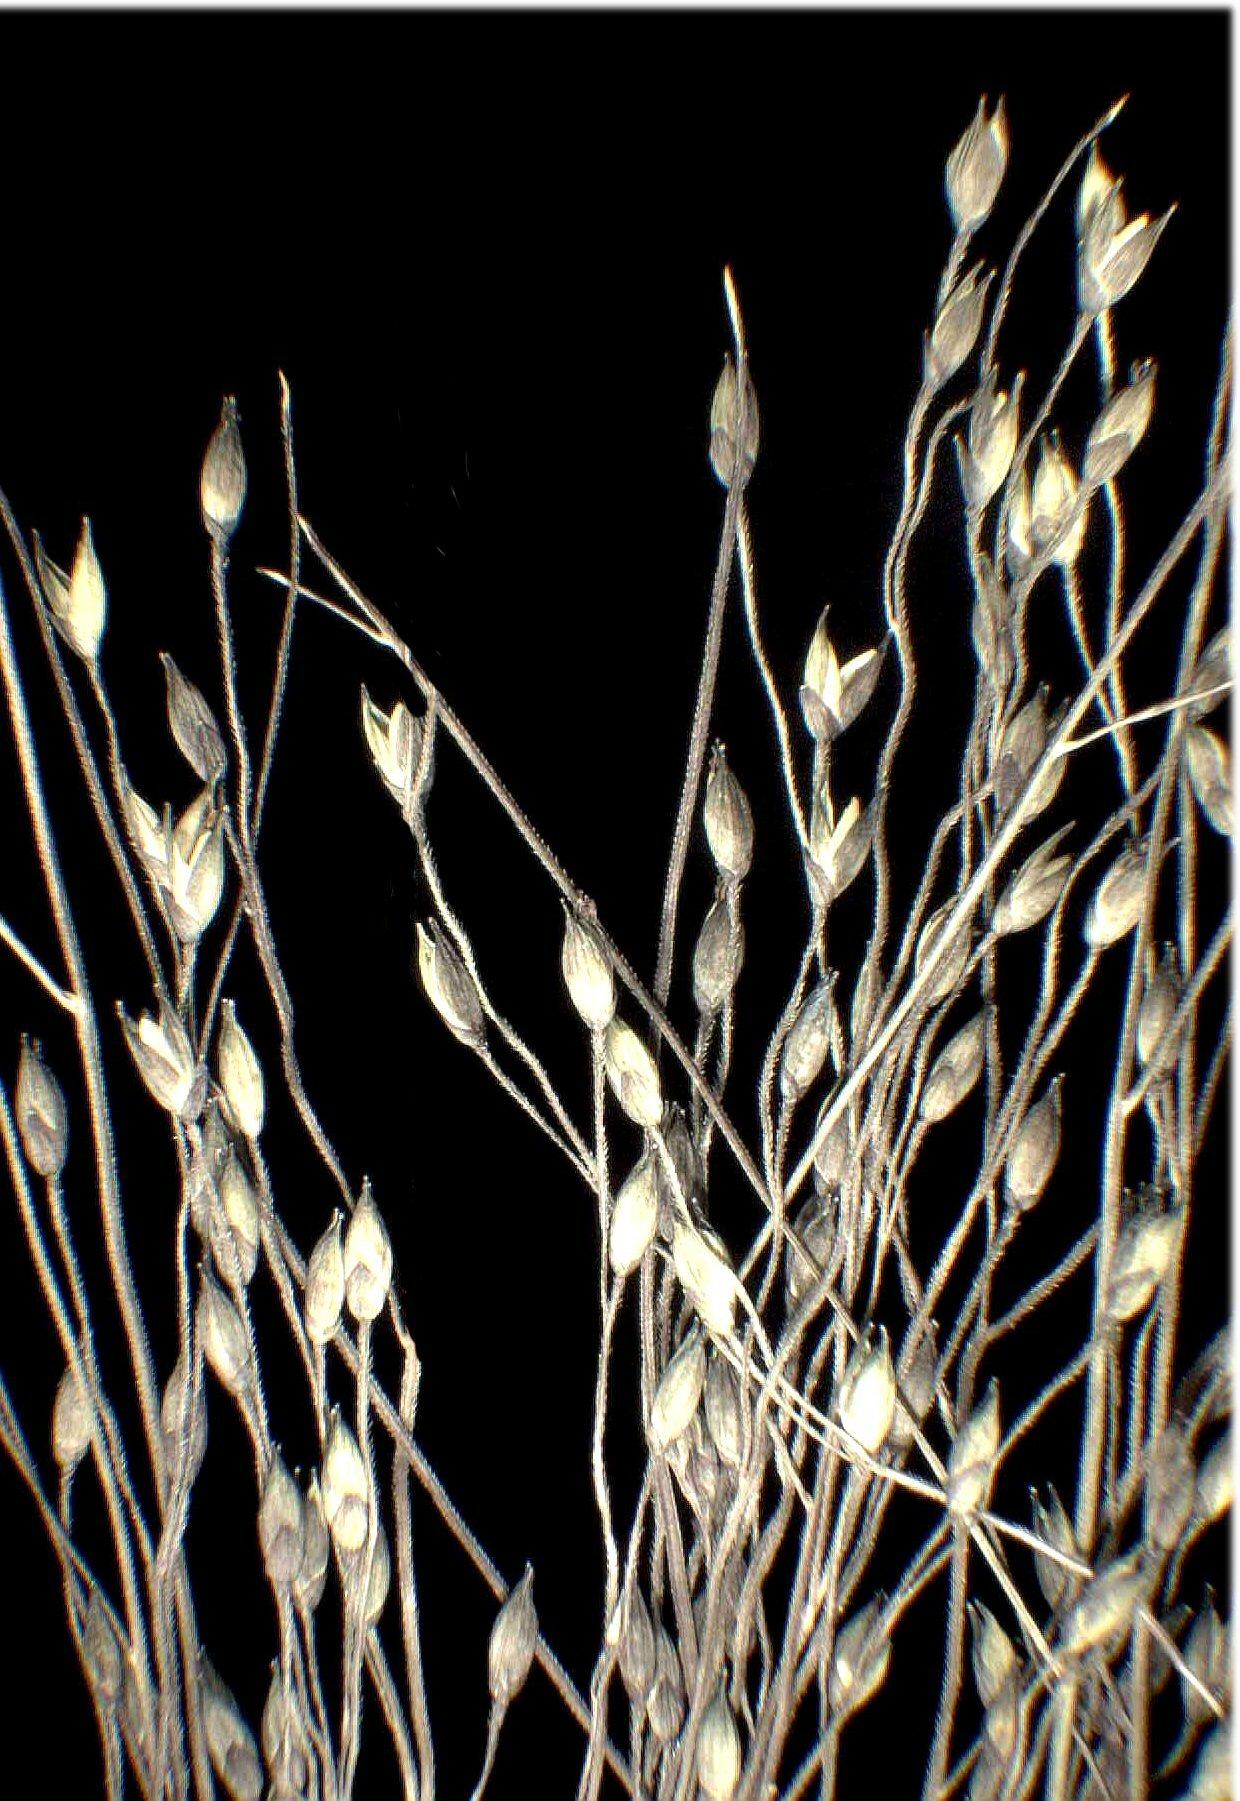 © Dipartimento di Scienze della Vita, Università degli Studi di Trieste<br>by Andrea Moro<br>Comune di Pozzuolo, prato nei pressi dell'abitato. , UD, FVG, Italia, 22/12/04 0.00.00<br>Distributed under CC-BY-SA 4.0 license.